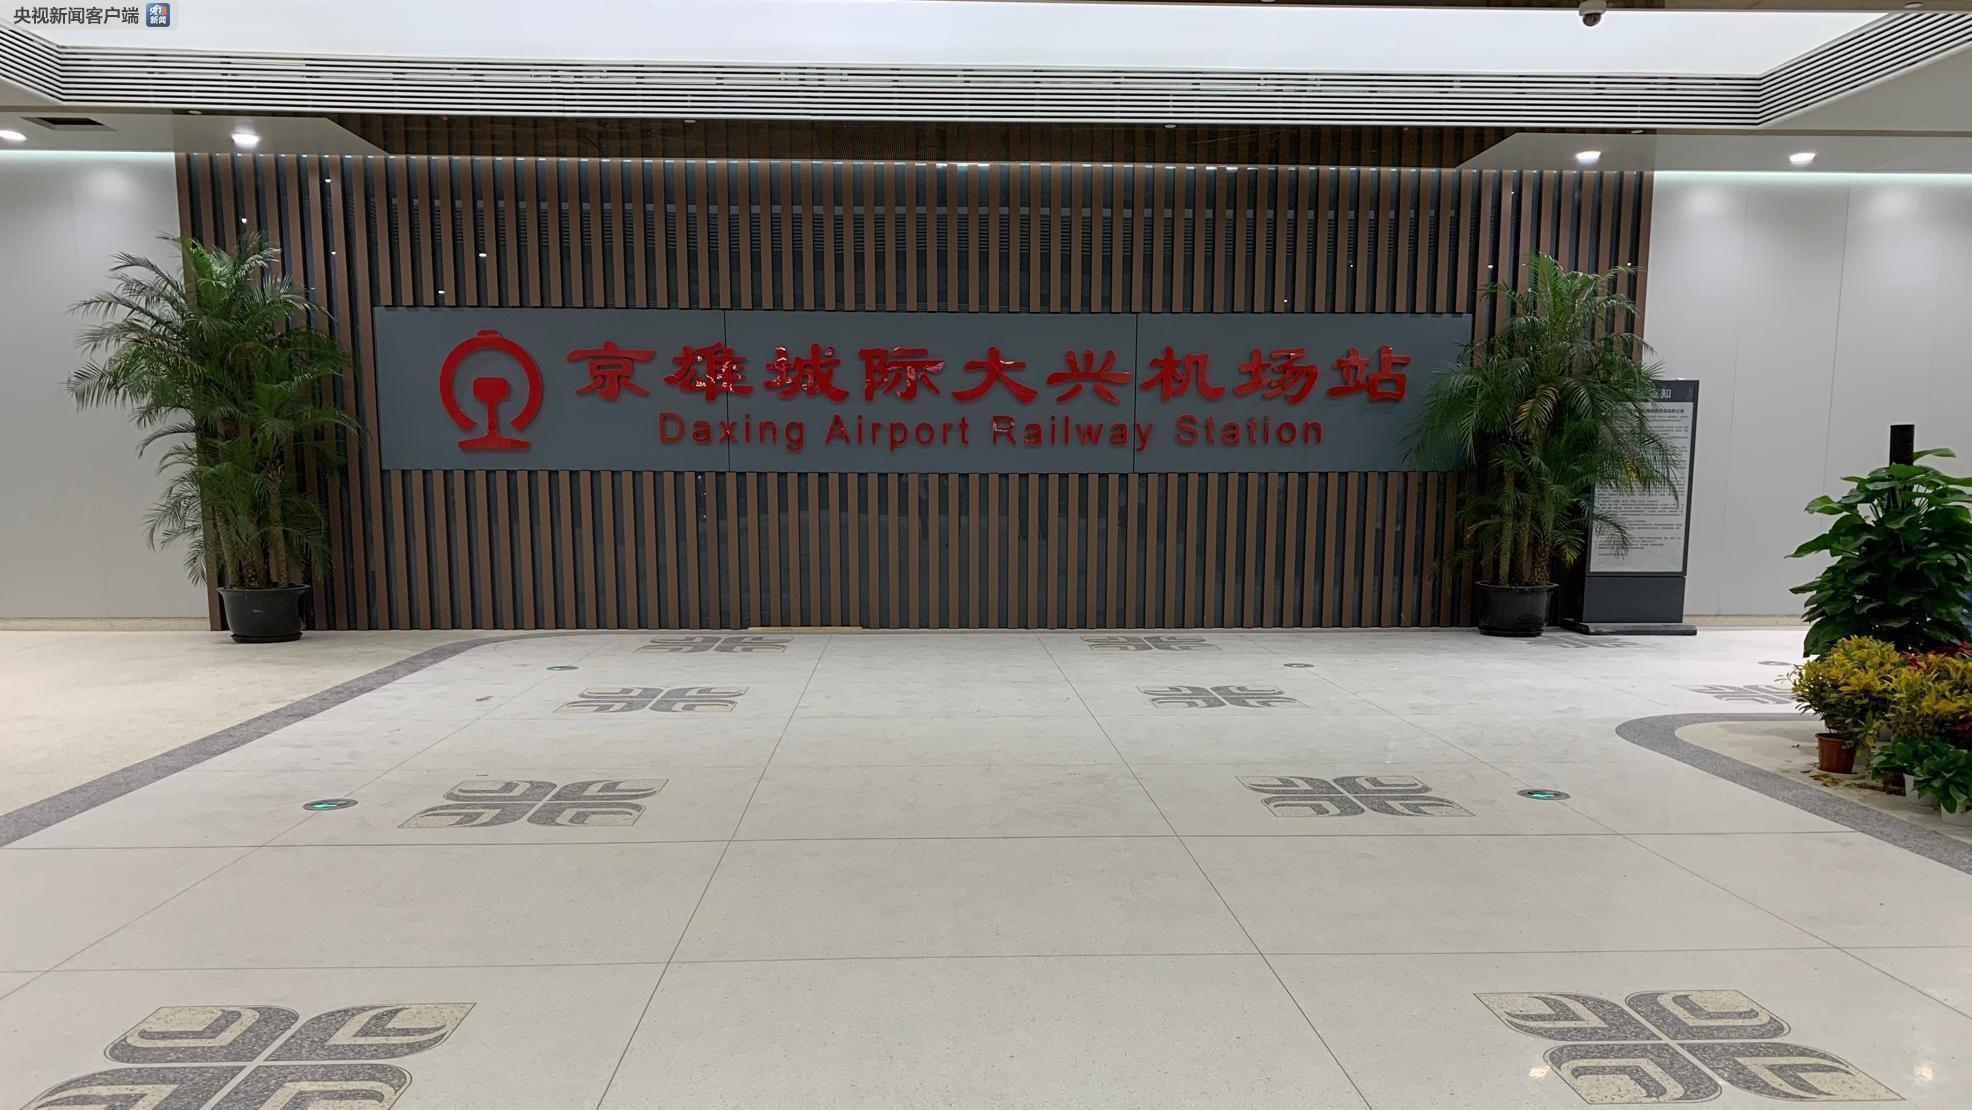 开通倒计时!京雄城际铁路北京段今天起进入运行试验阶段